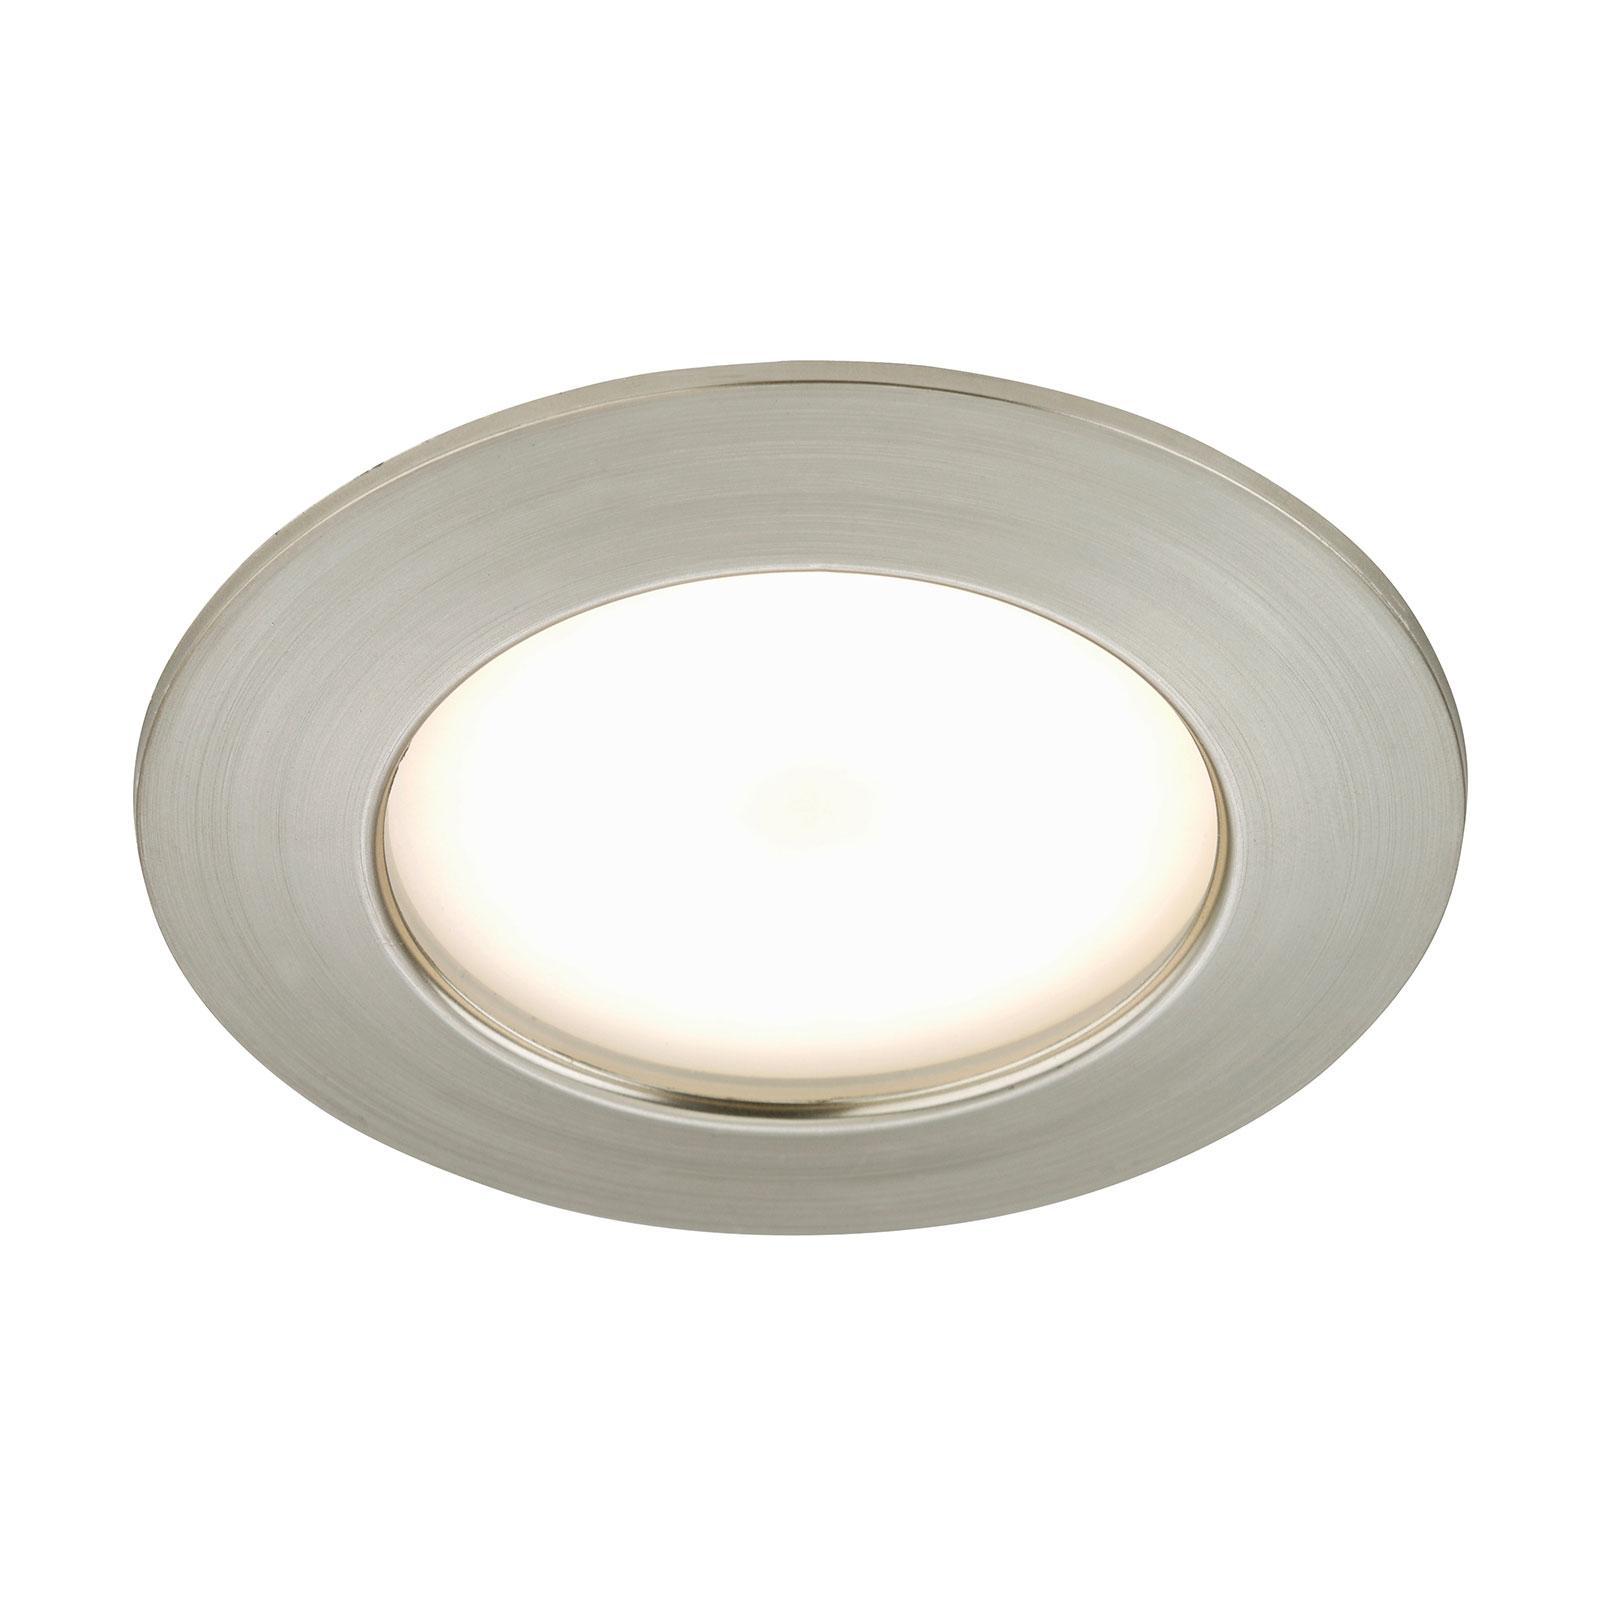 Elli luminøs LED-indbygningslampe, mat nikkel